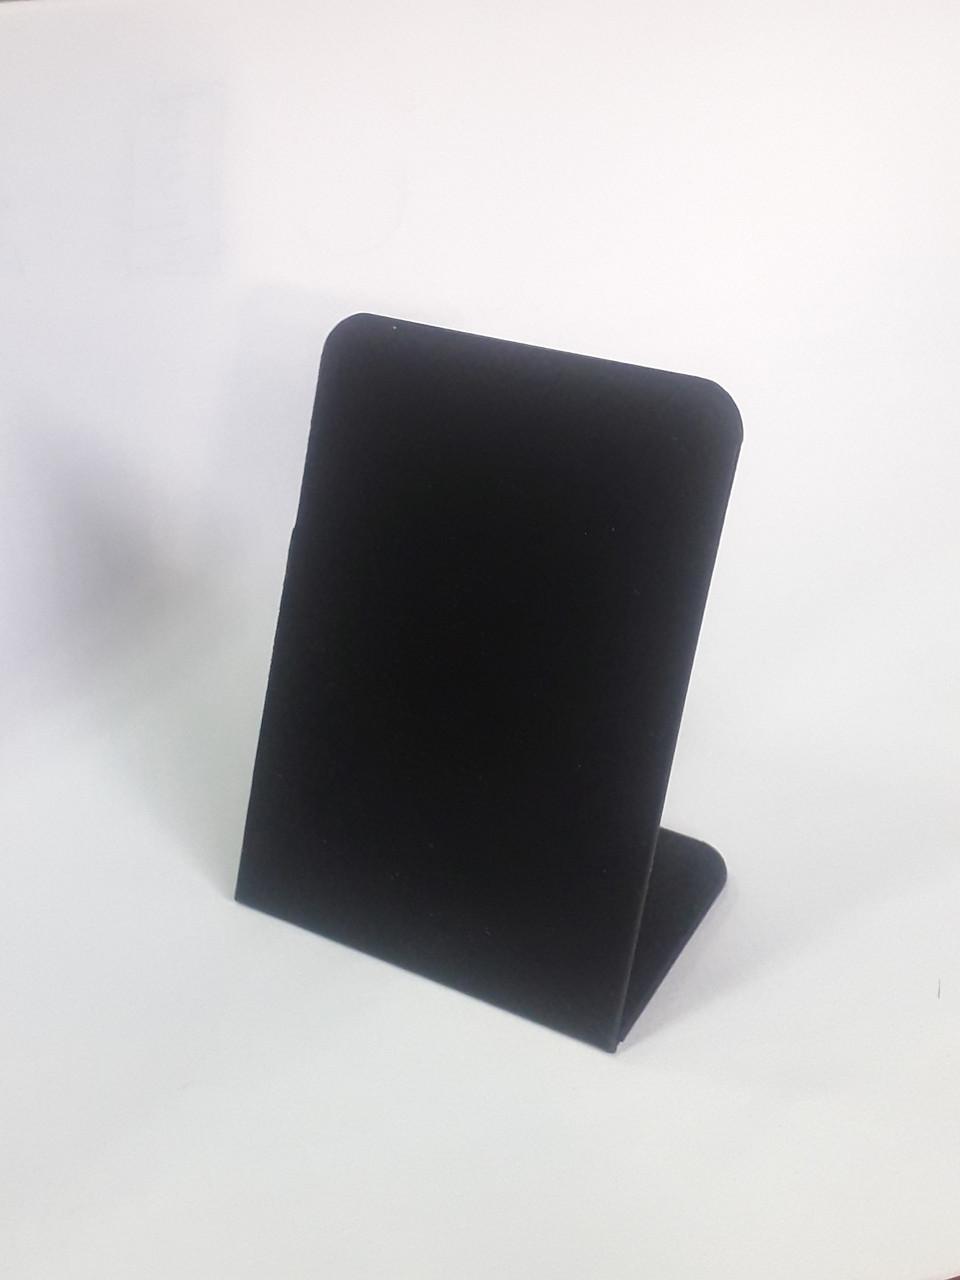 Ценник меловой пластиковый  угловой L-образный  вертикальный